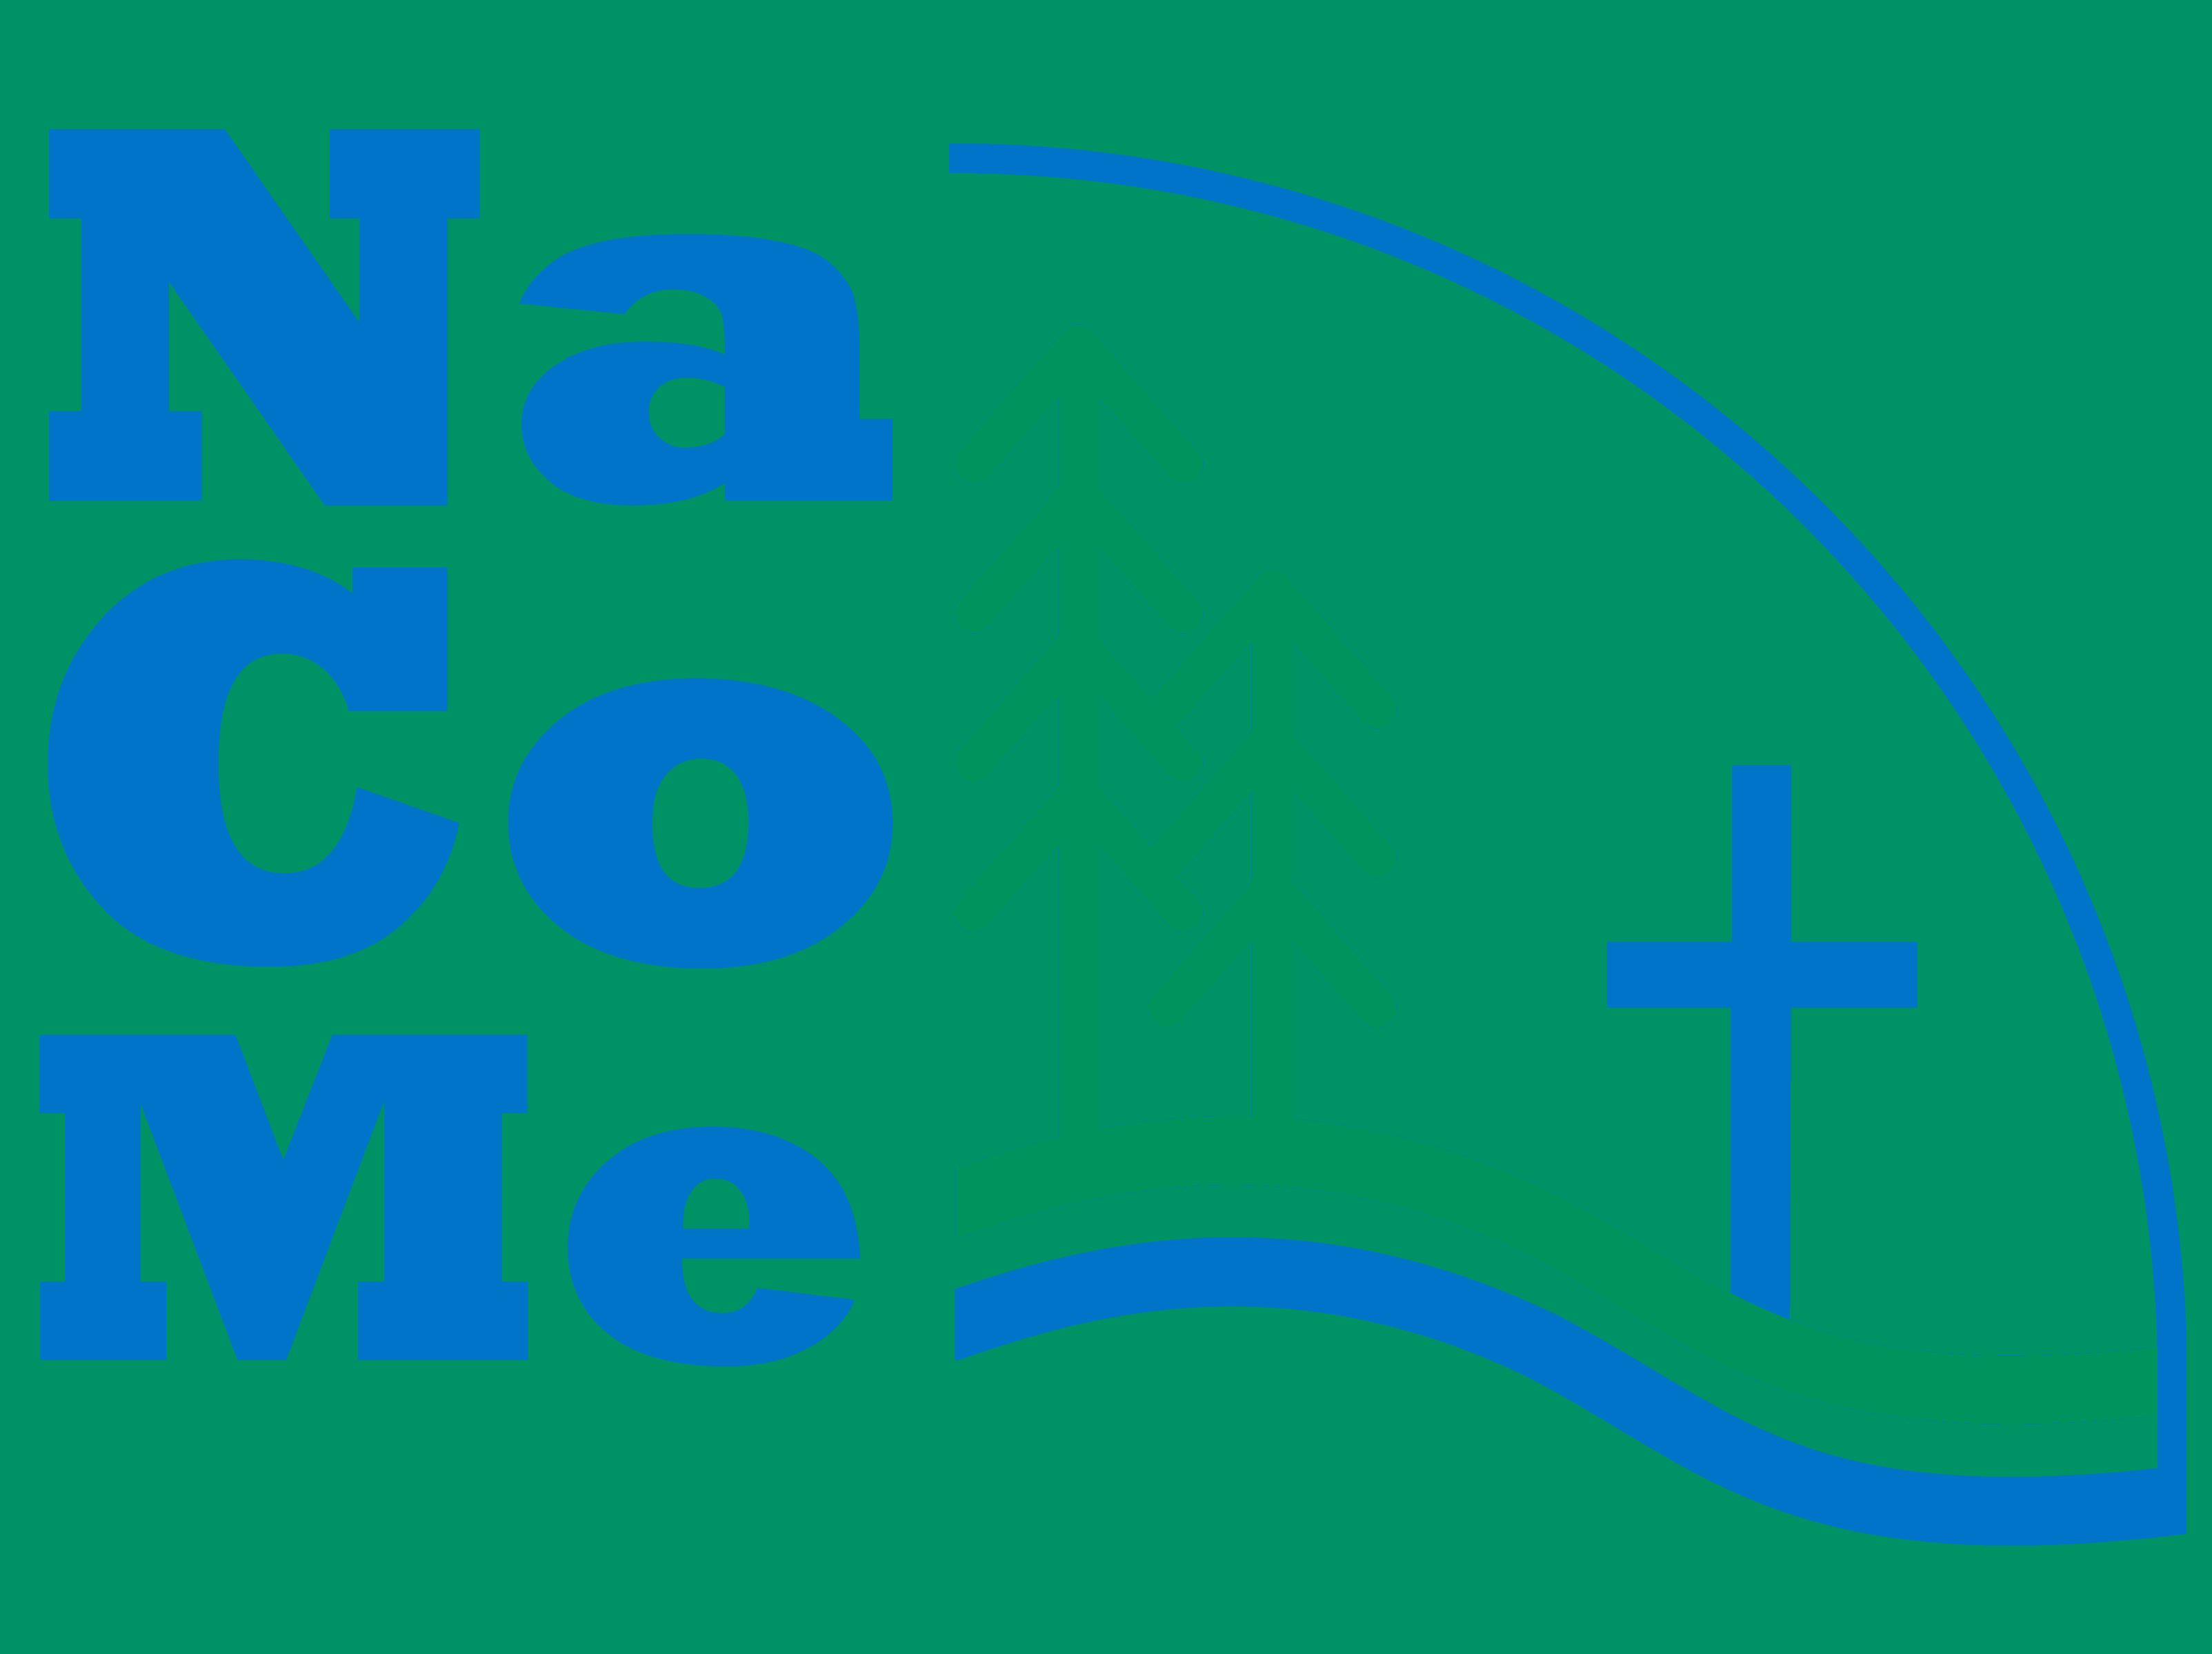 NaCoMe Camp and Retreat Center